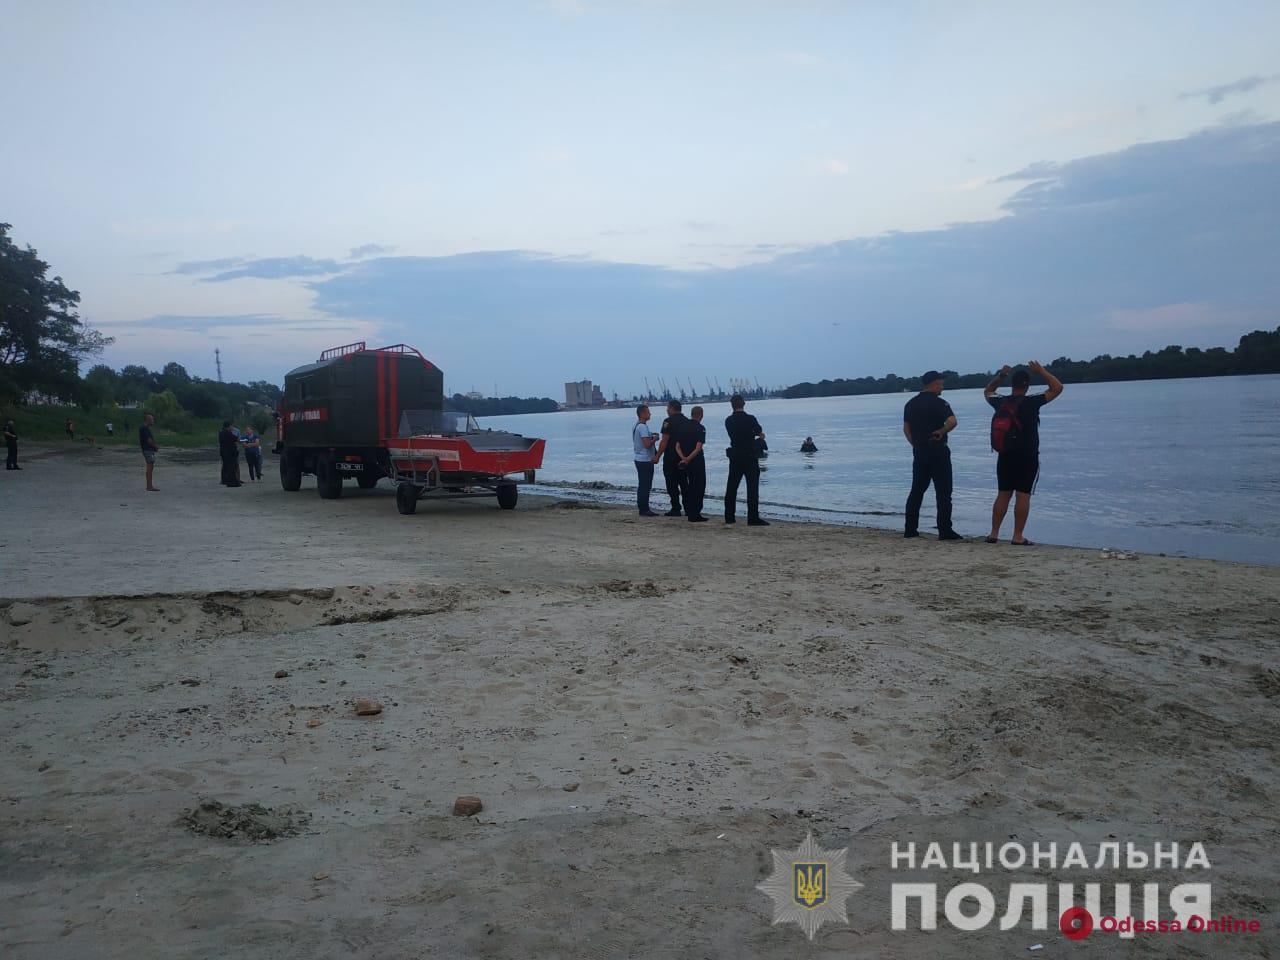 Купался в реке и начал тонуть: в Измаиле ищут 17-летнего парня